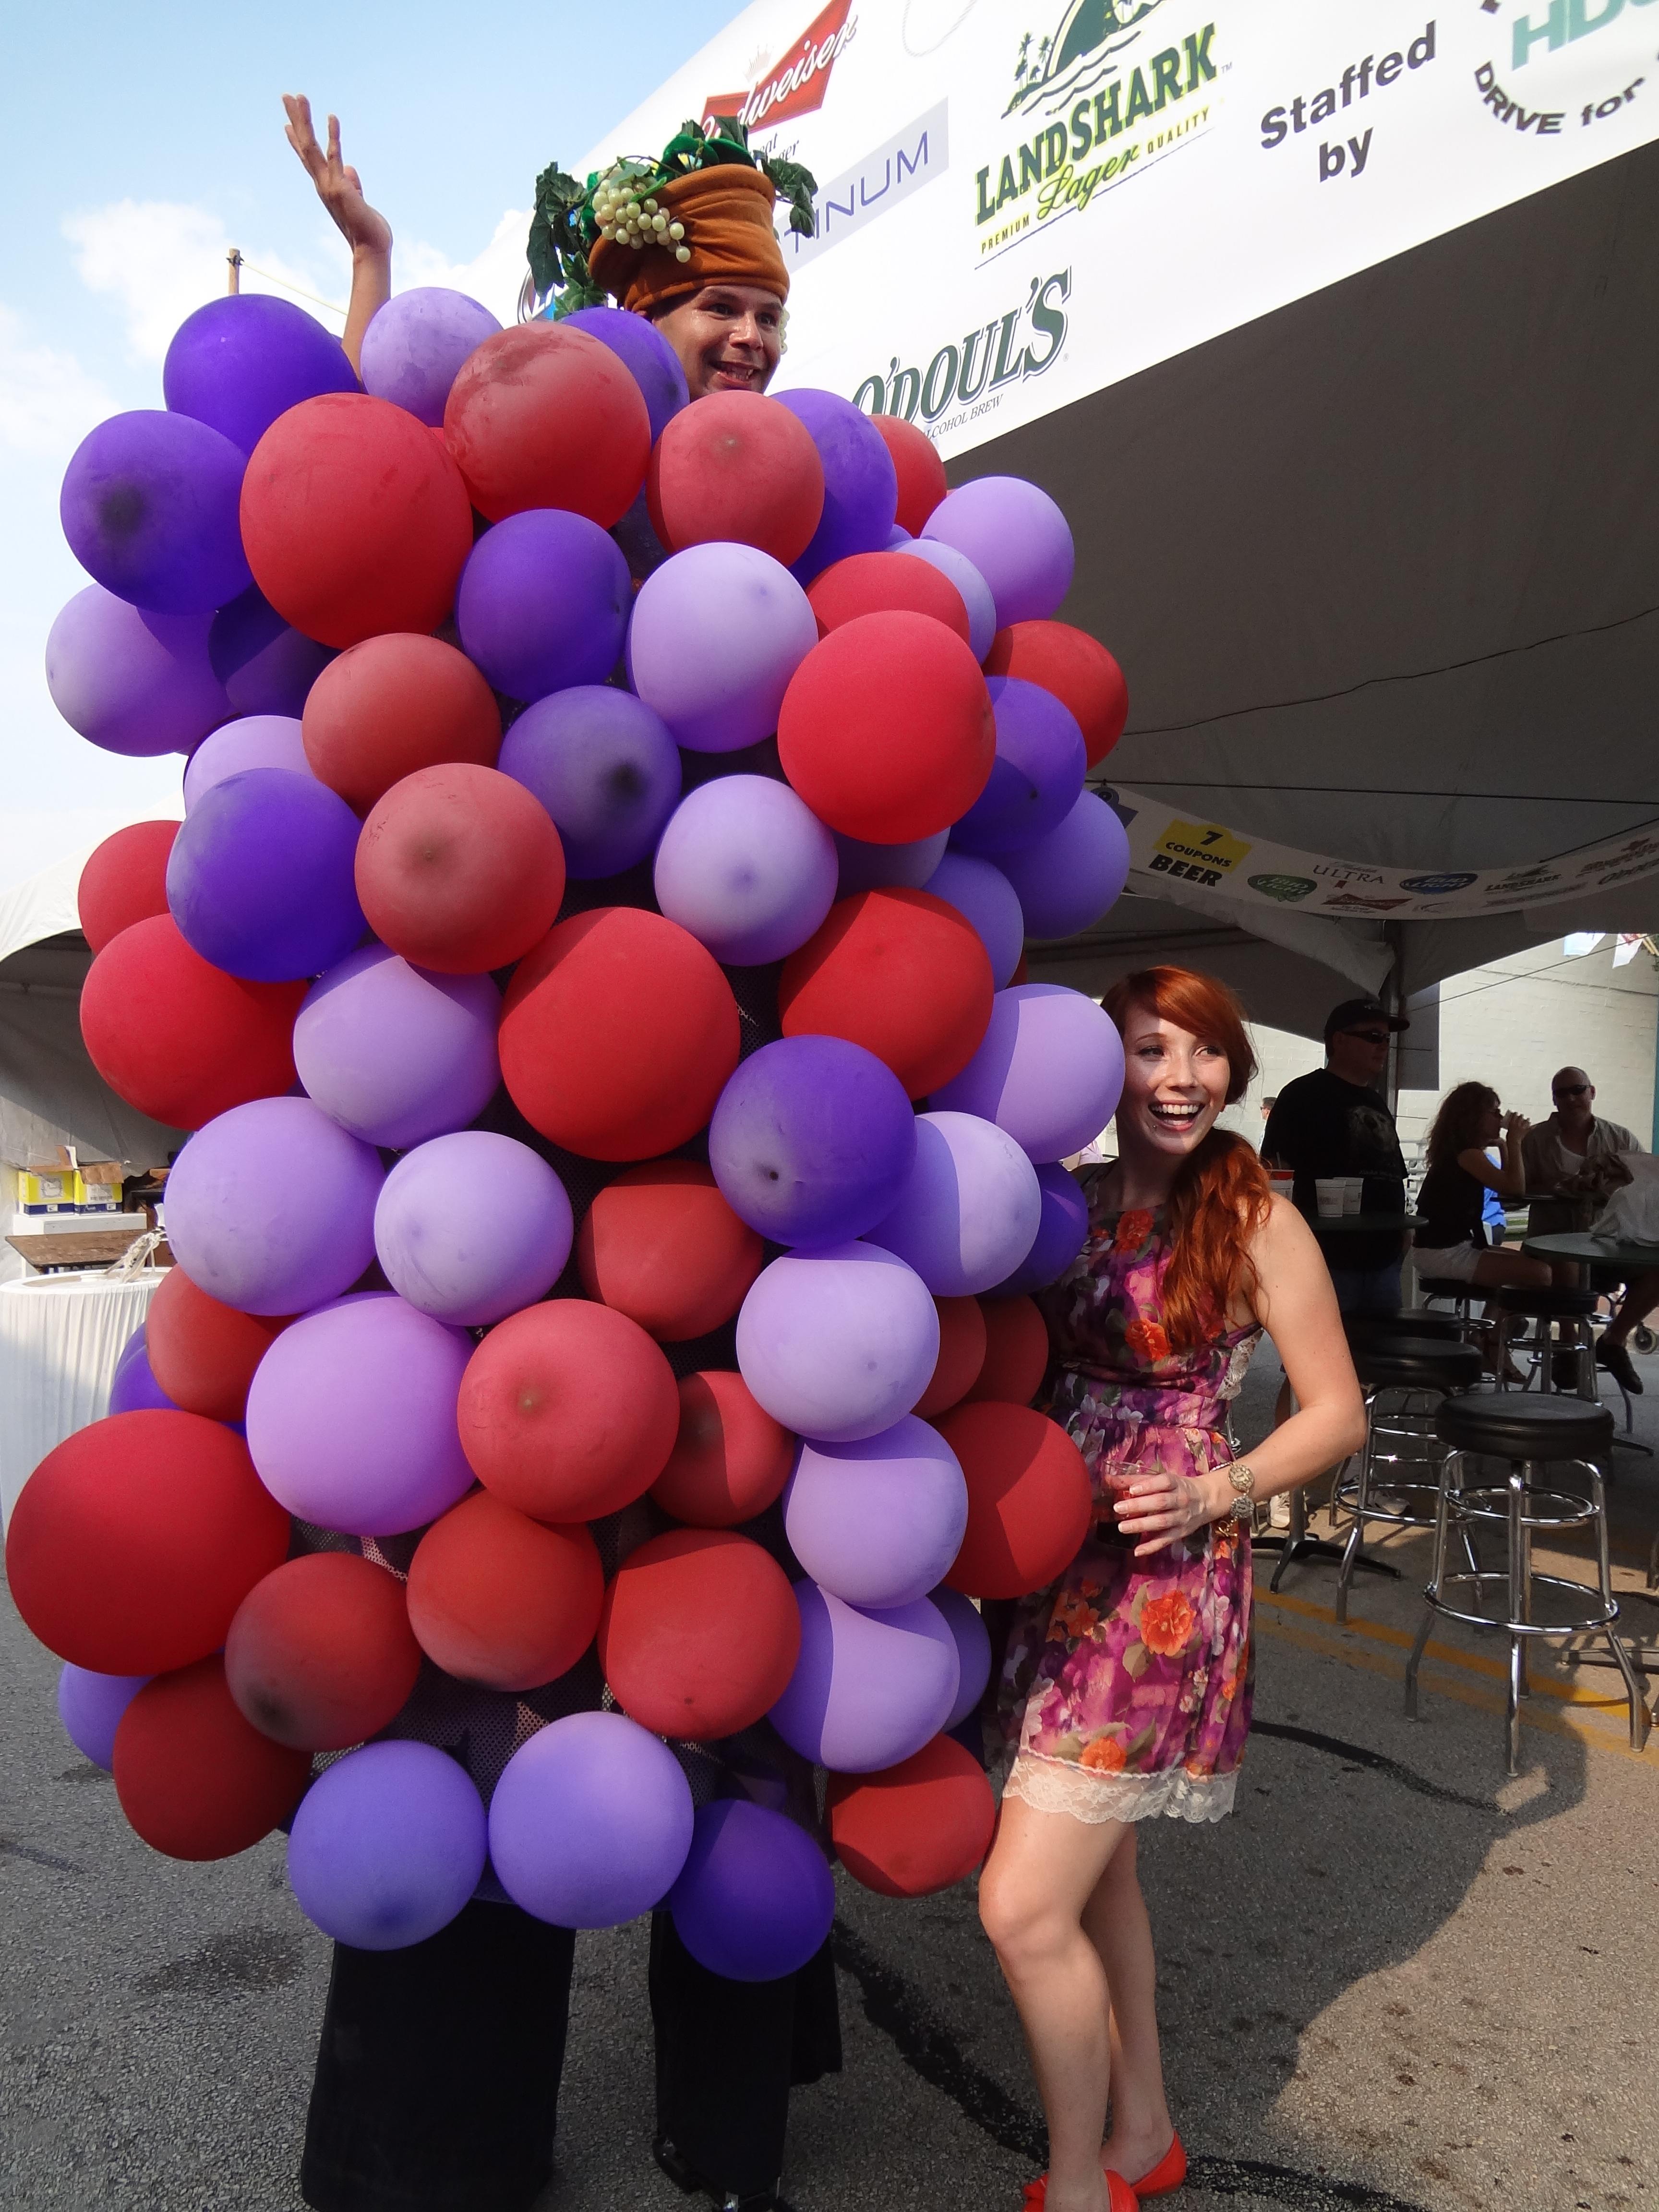 grapes-j-5